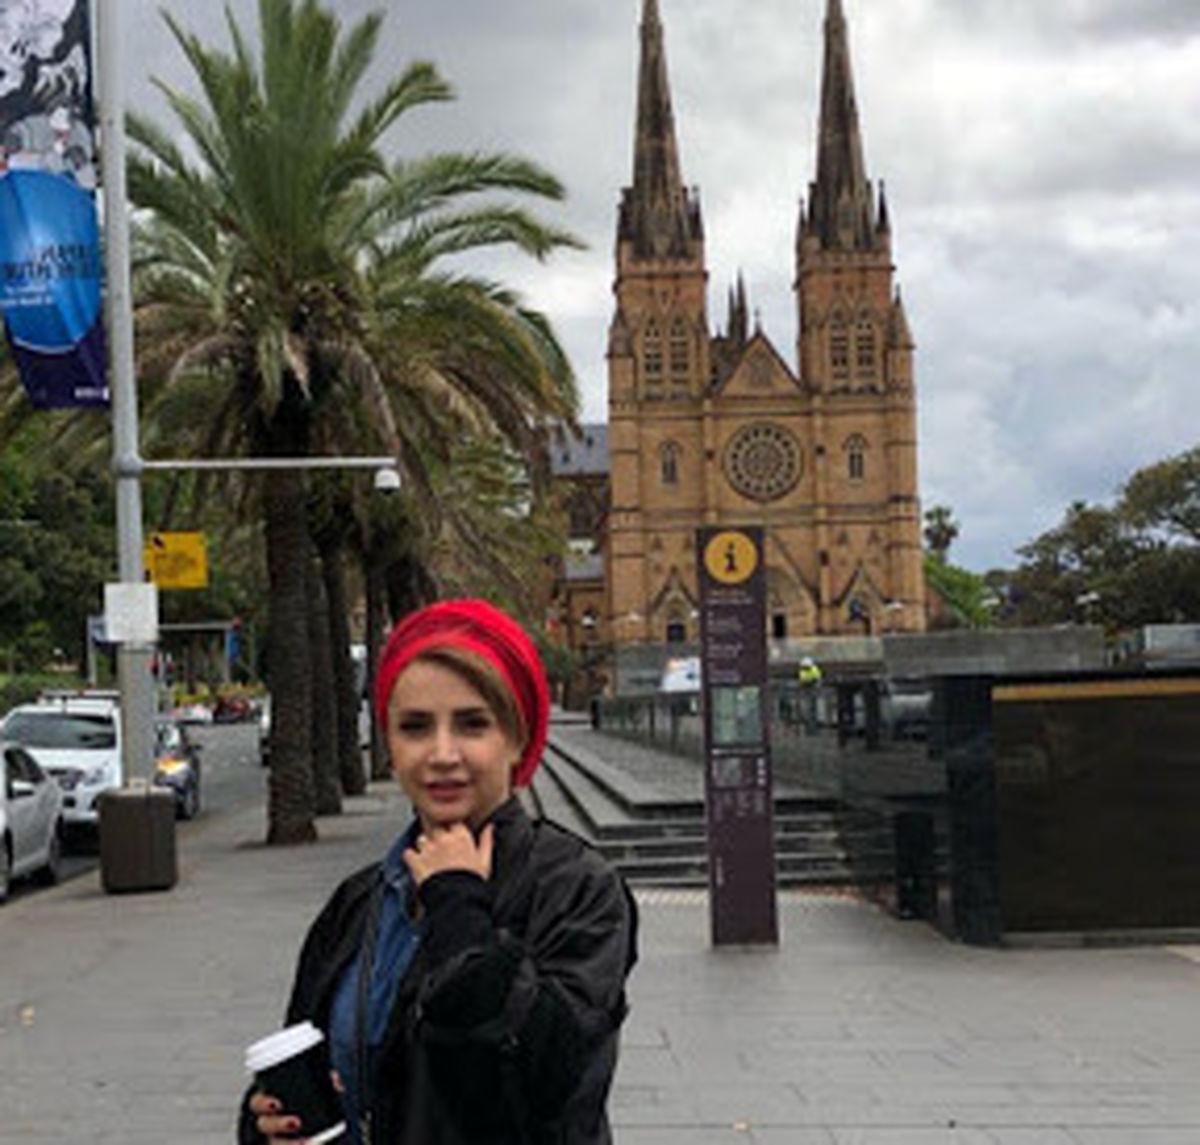 عکس دیده نشده از شبنم قلی خانی در خارج از کشور +تصاویر